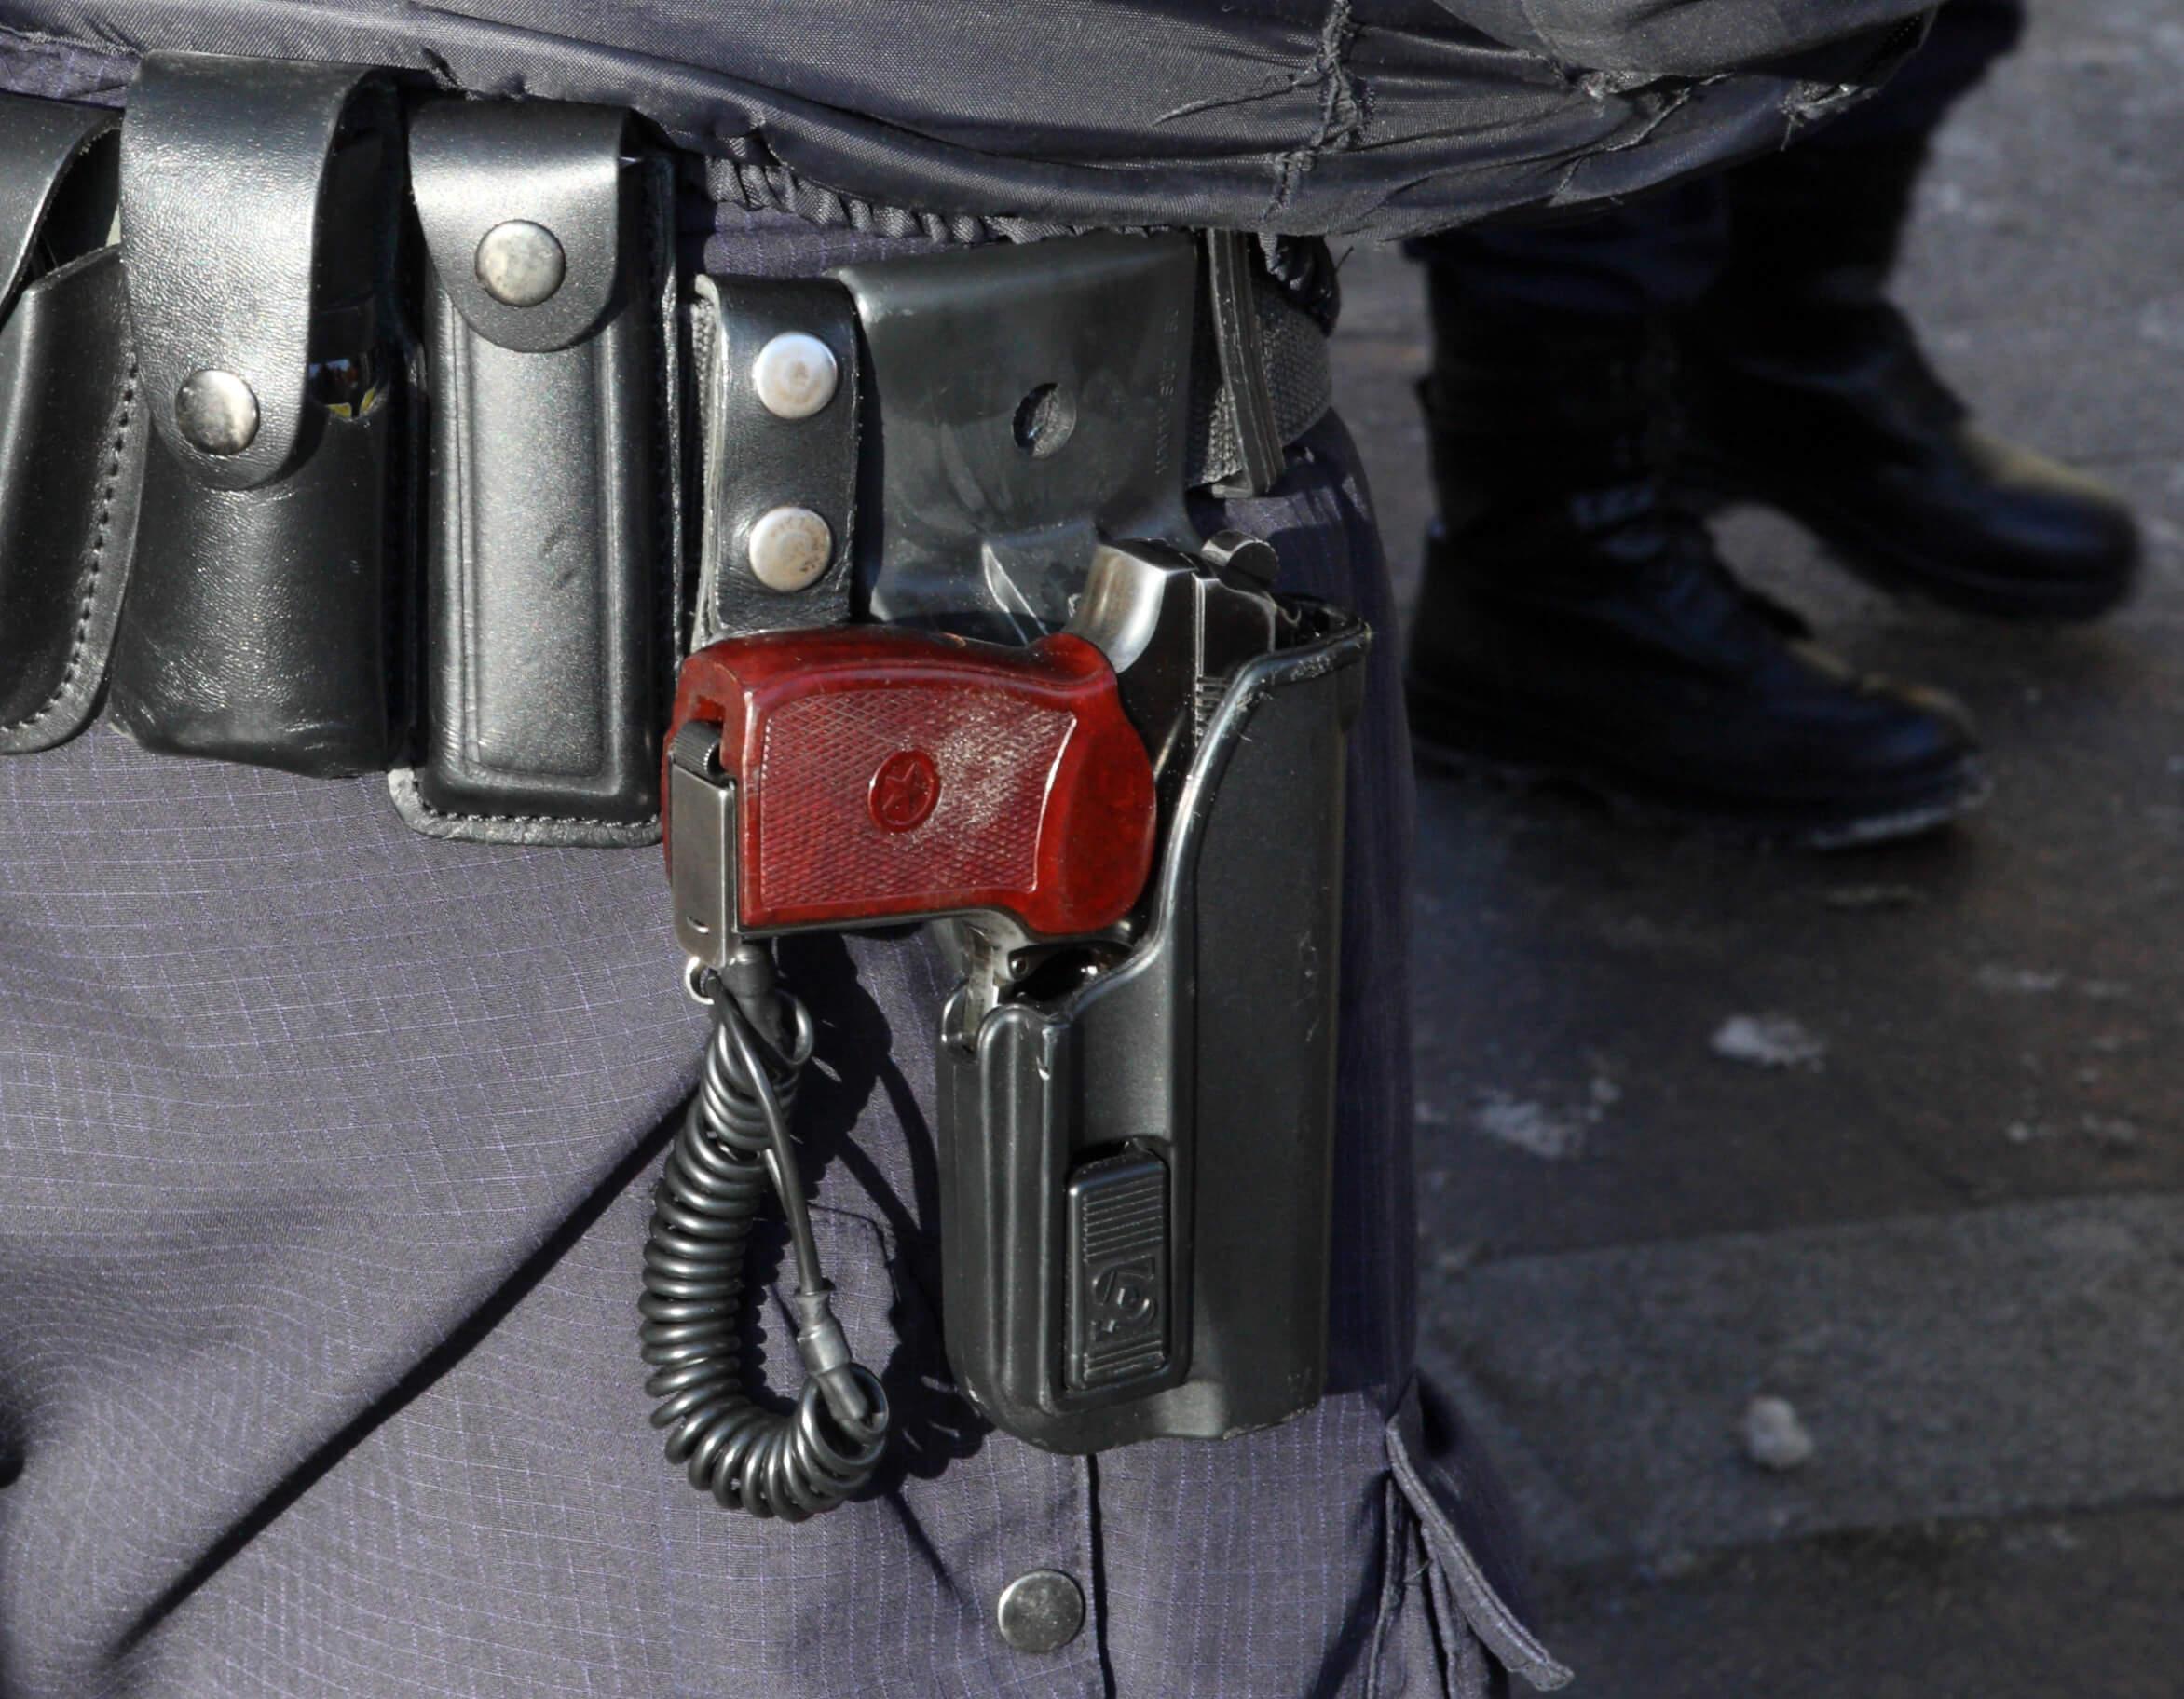 Столичная полиция задержала 200 человек на «незаконном» форуме мундепов